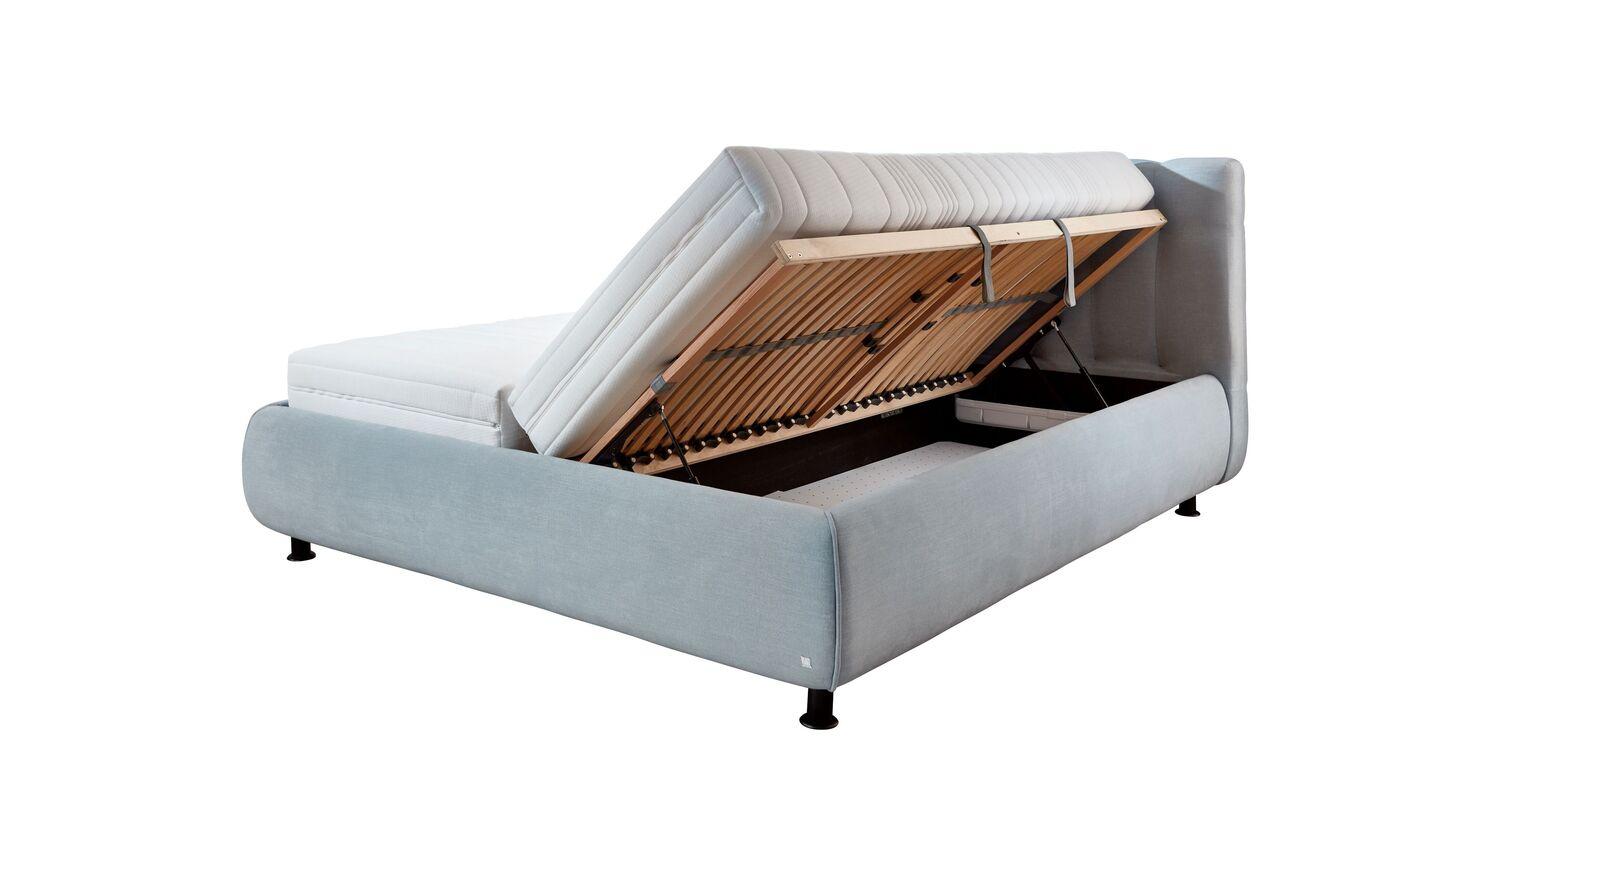 Stauraumbett Sumaya mit integriertem Bettkasten